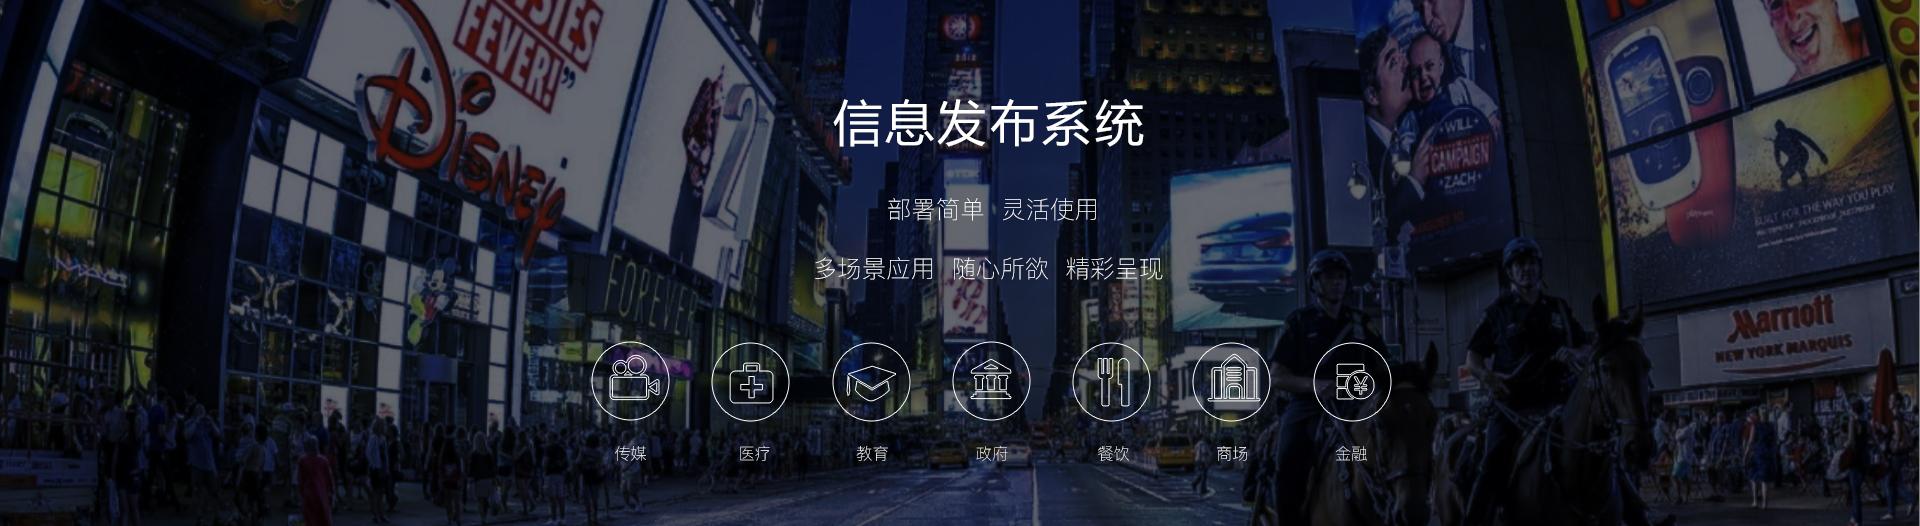 云标信息发布盒,云端控制,远程发布,自动开关机,手机控制